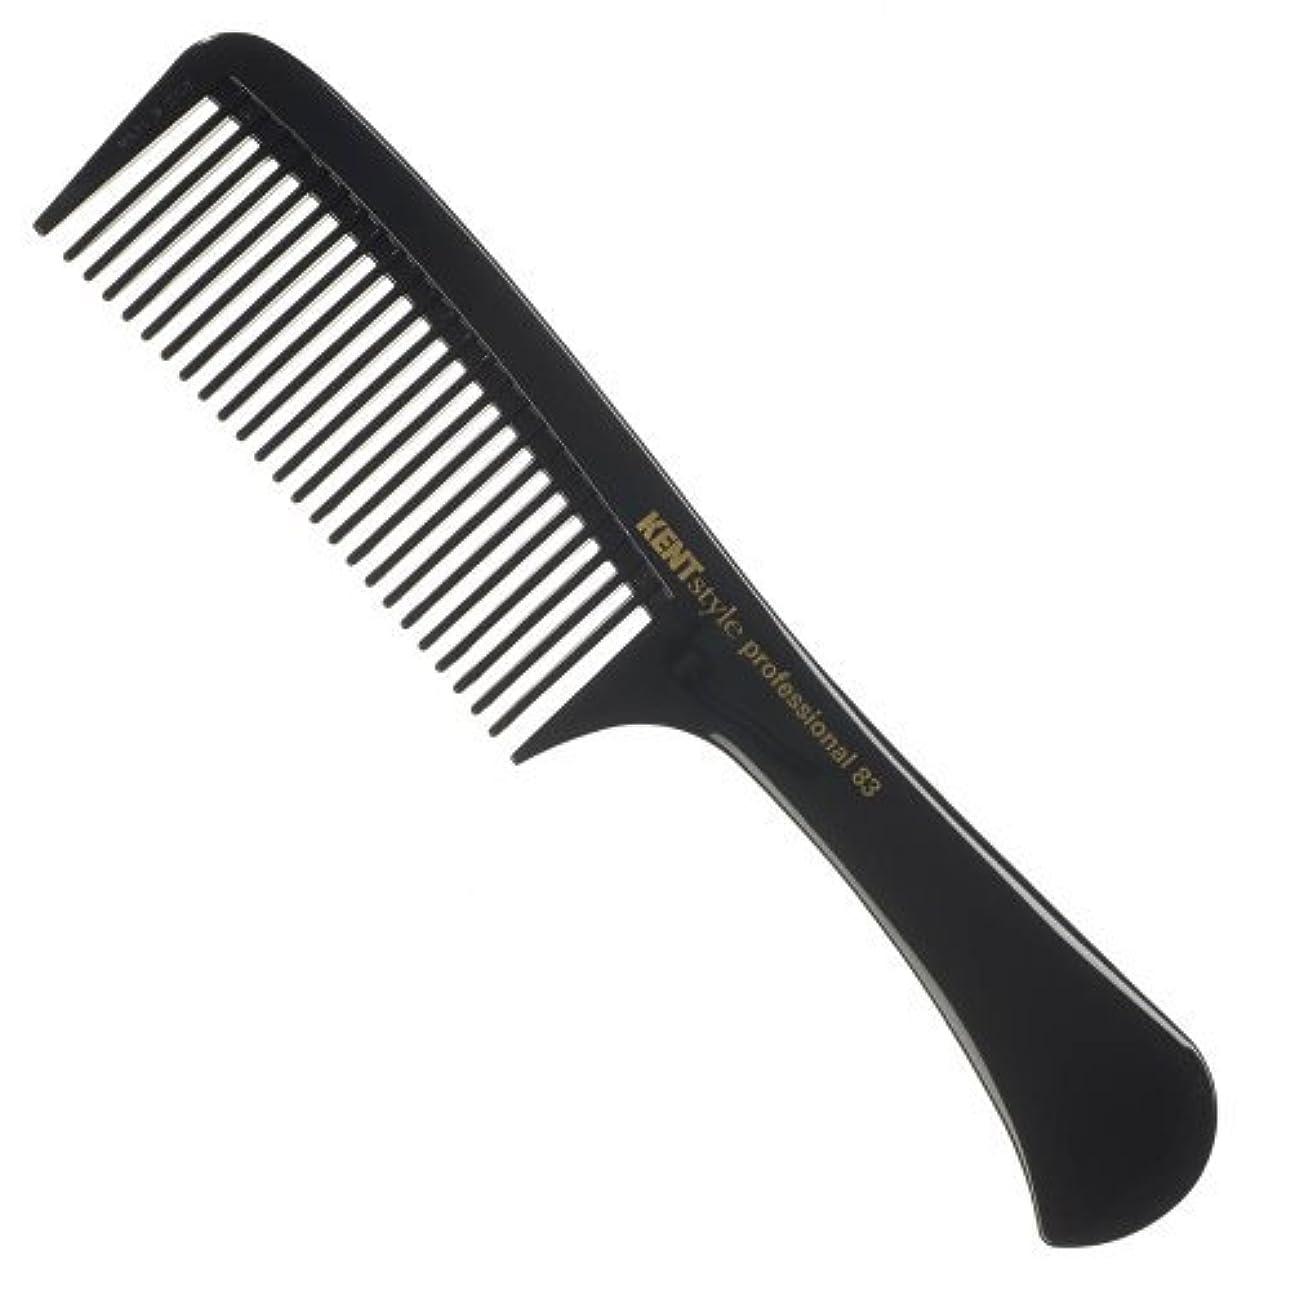 硬化するハイキングに行く予防接種するKent Style Professional Combs (Black) - Hard Rubber, Anti-static, Unbreakable & Heat Resistant - Salon & Barber...